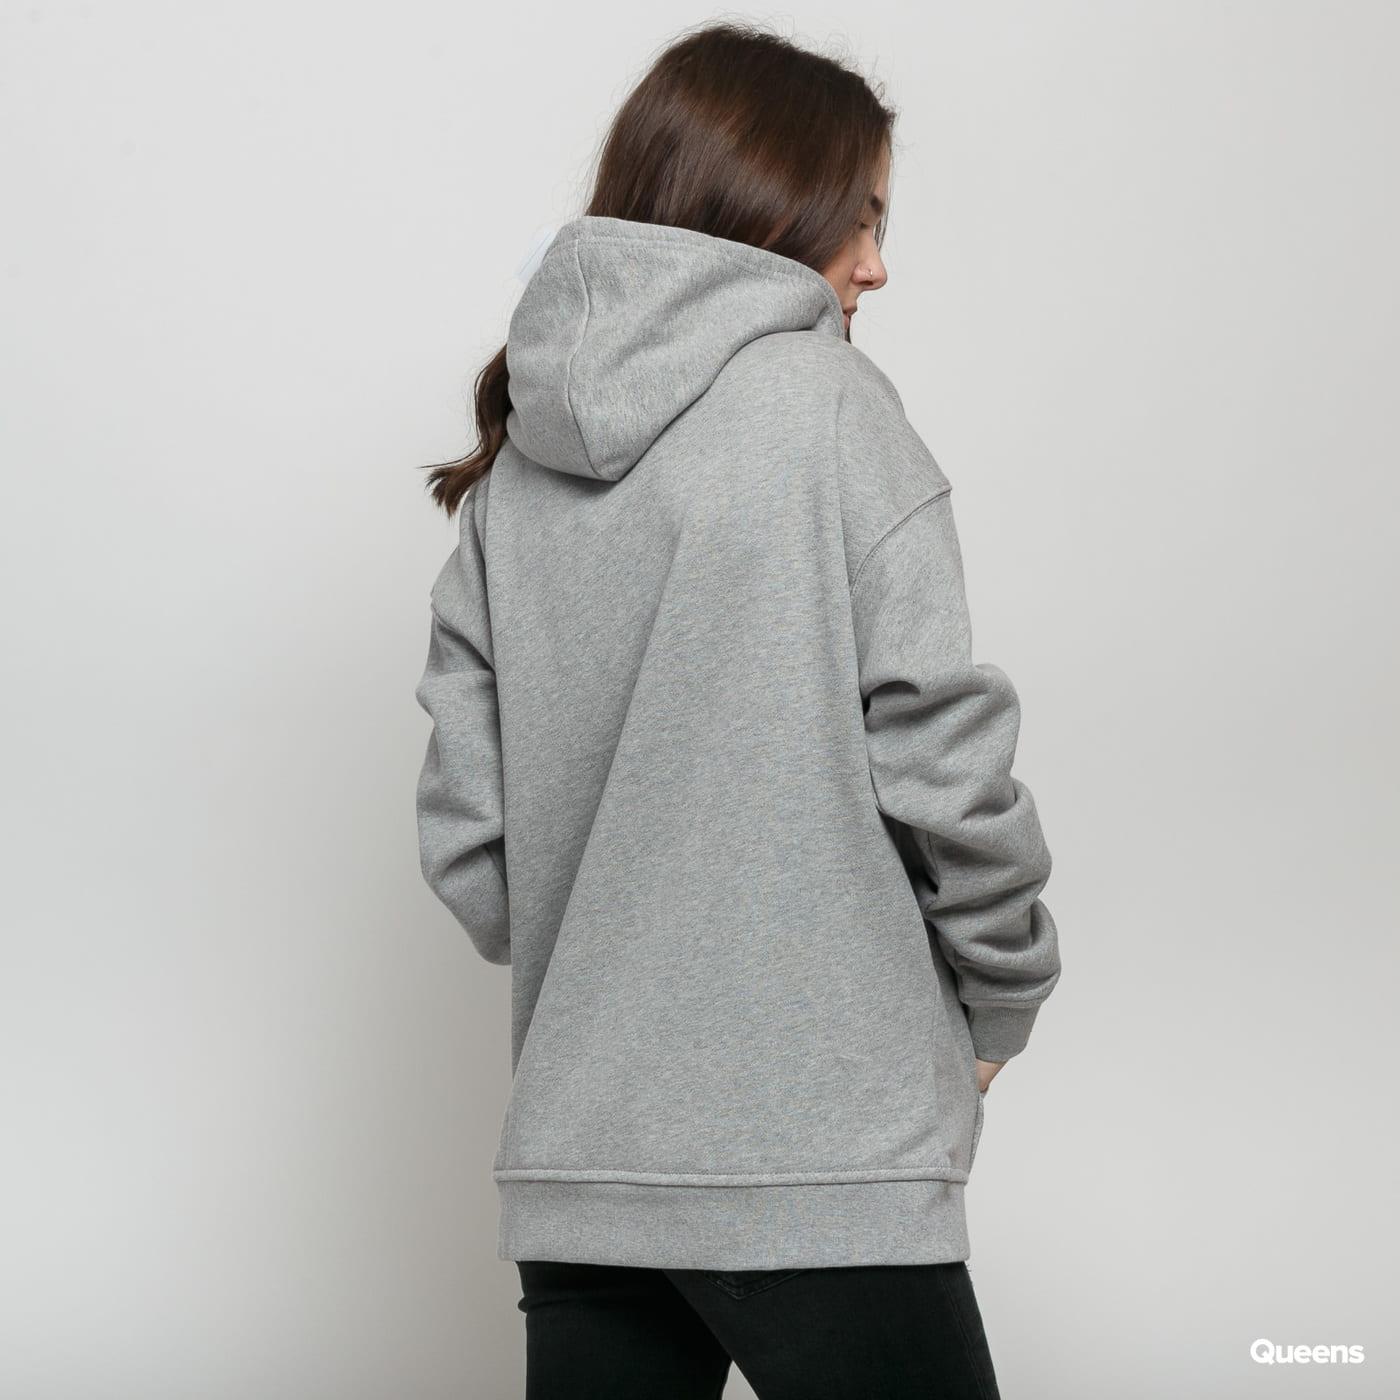 adidas Originals Trefoil Hoodie melange šedá / biela